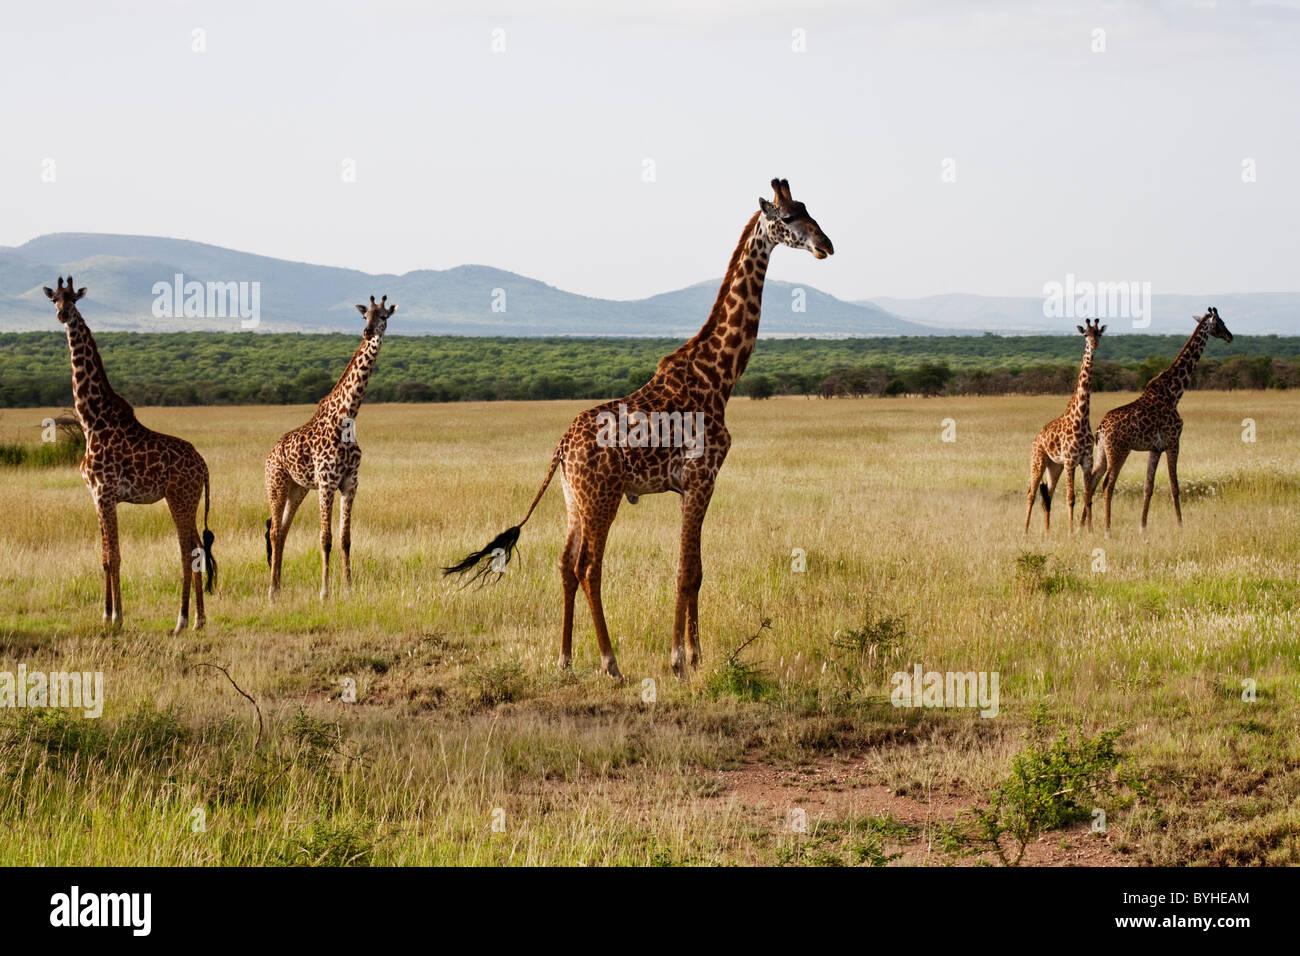 Giraffes grazing in Serengeti National Park, Tanzania, Africa - Stock Image